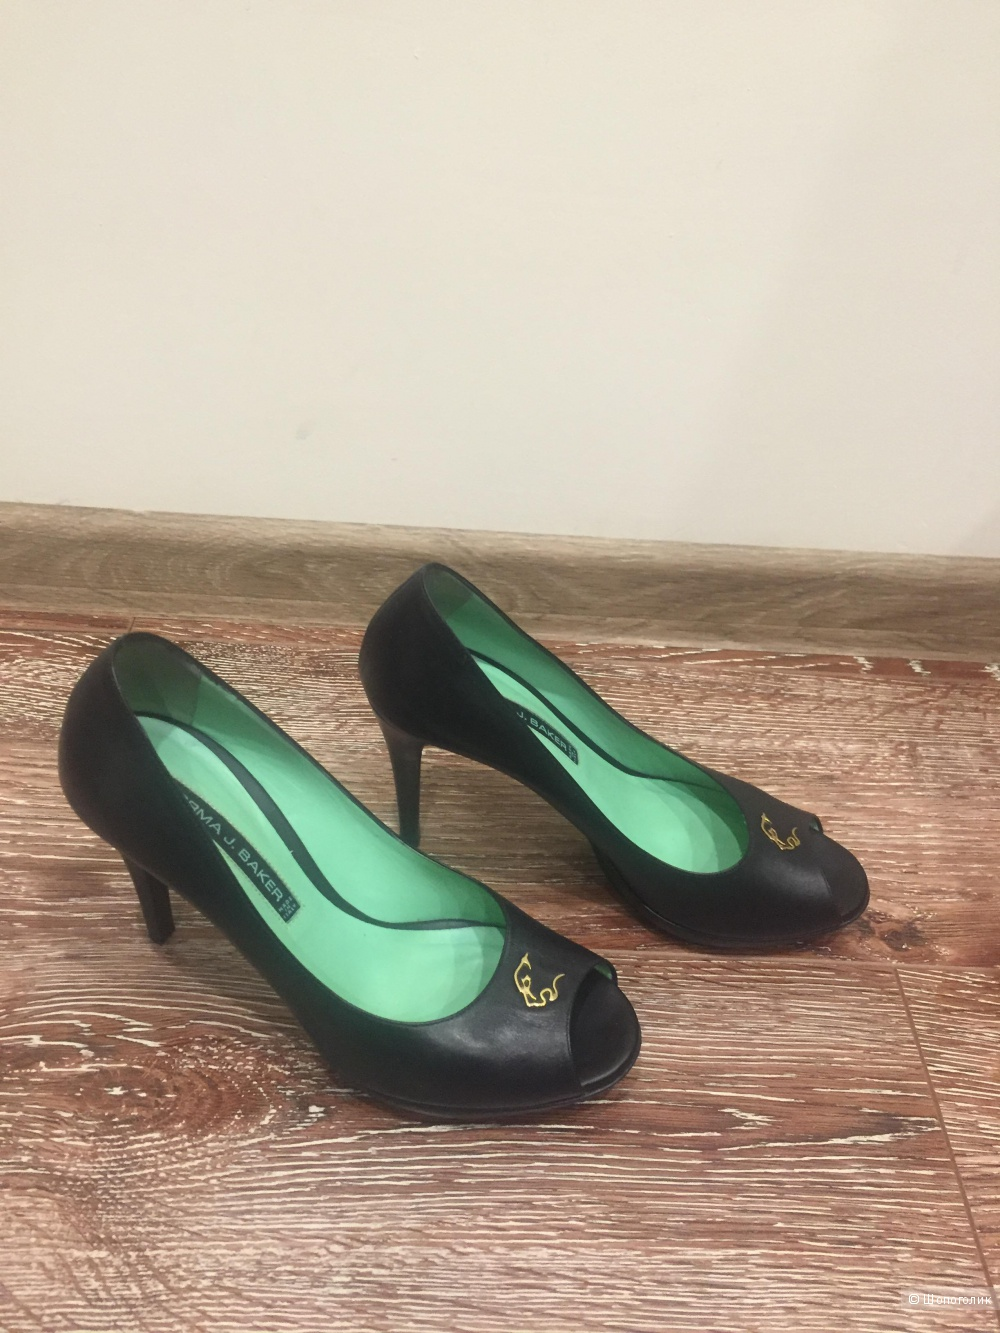 Туфли Norma J.Baker кожа 39 размер, б/у в отличном состоянии